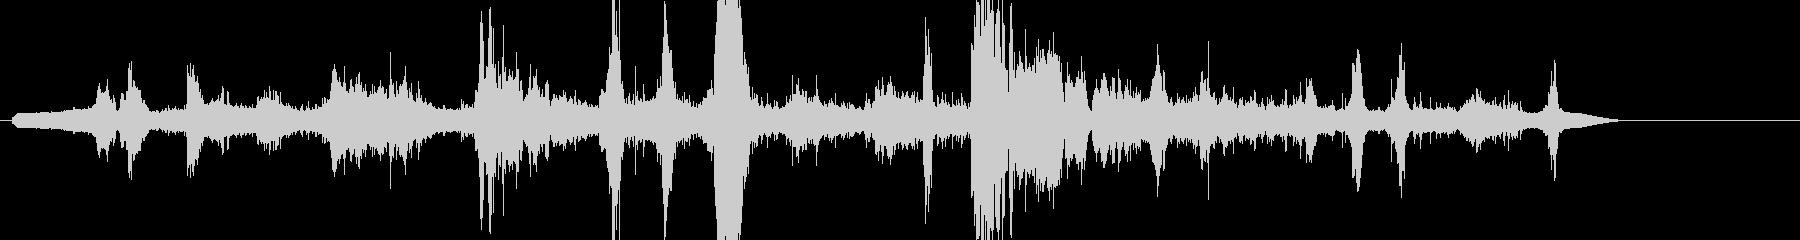 メタルストレスアンドスクレイプ、ハ...の未再生の波形